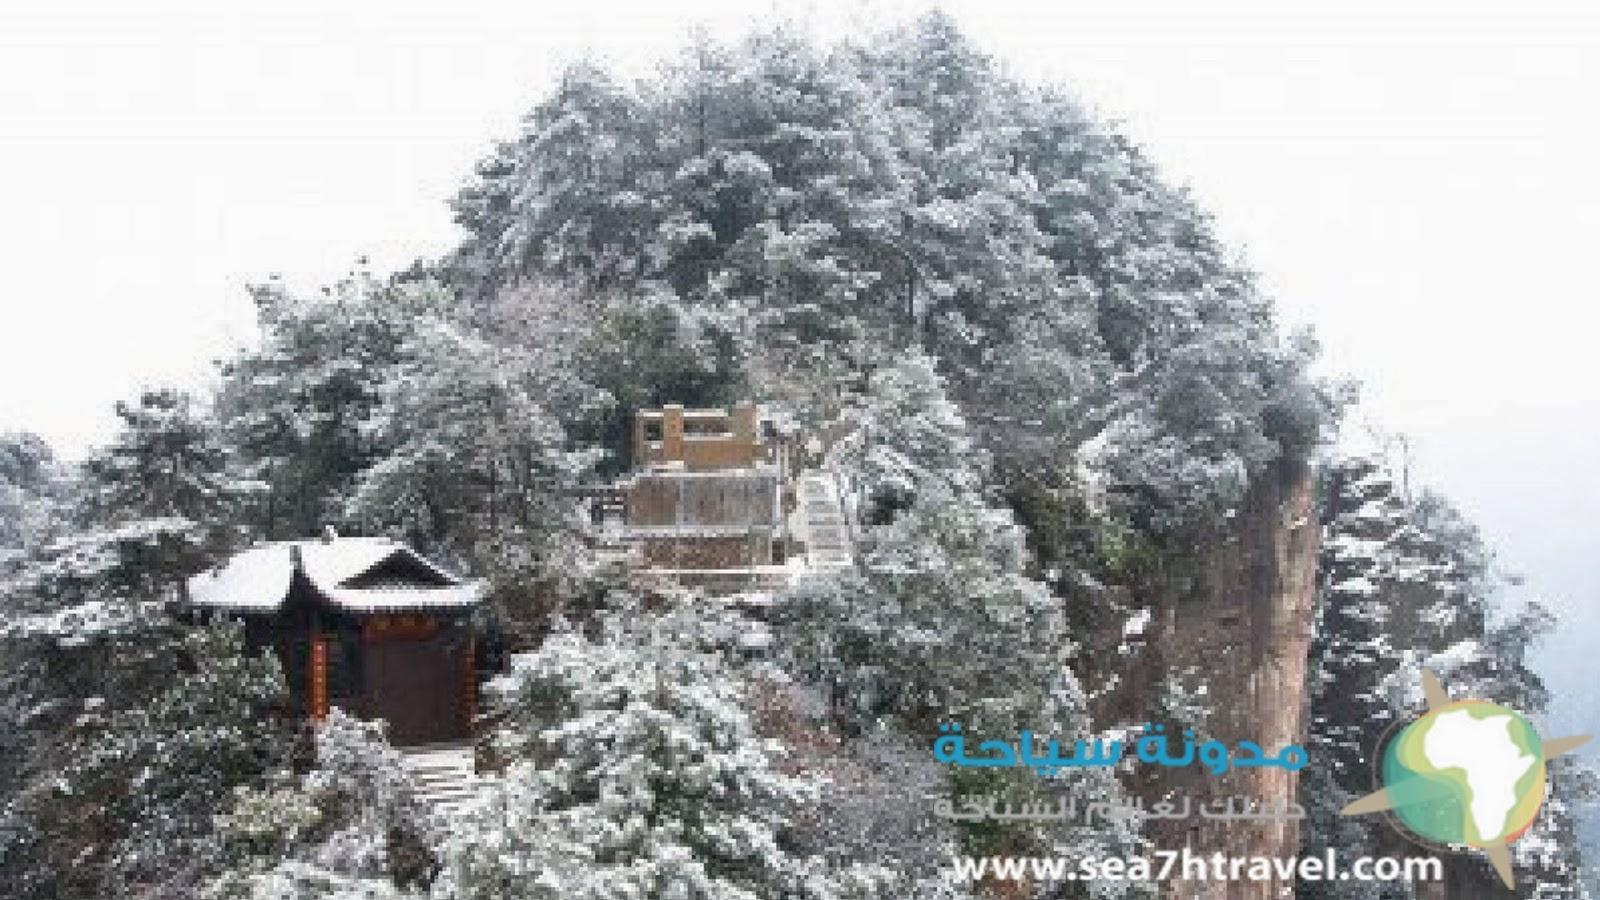 حديقة تشانغجياجيه الوطنية في الصين